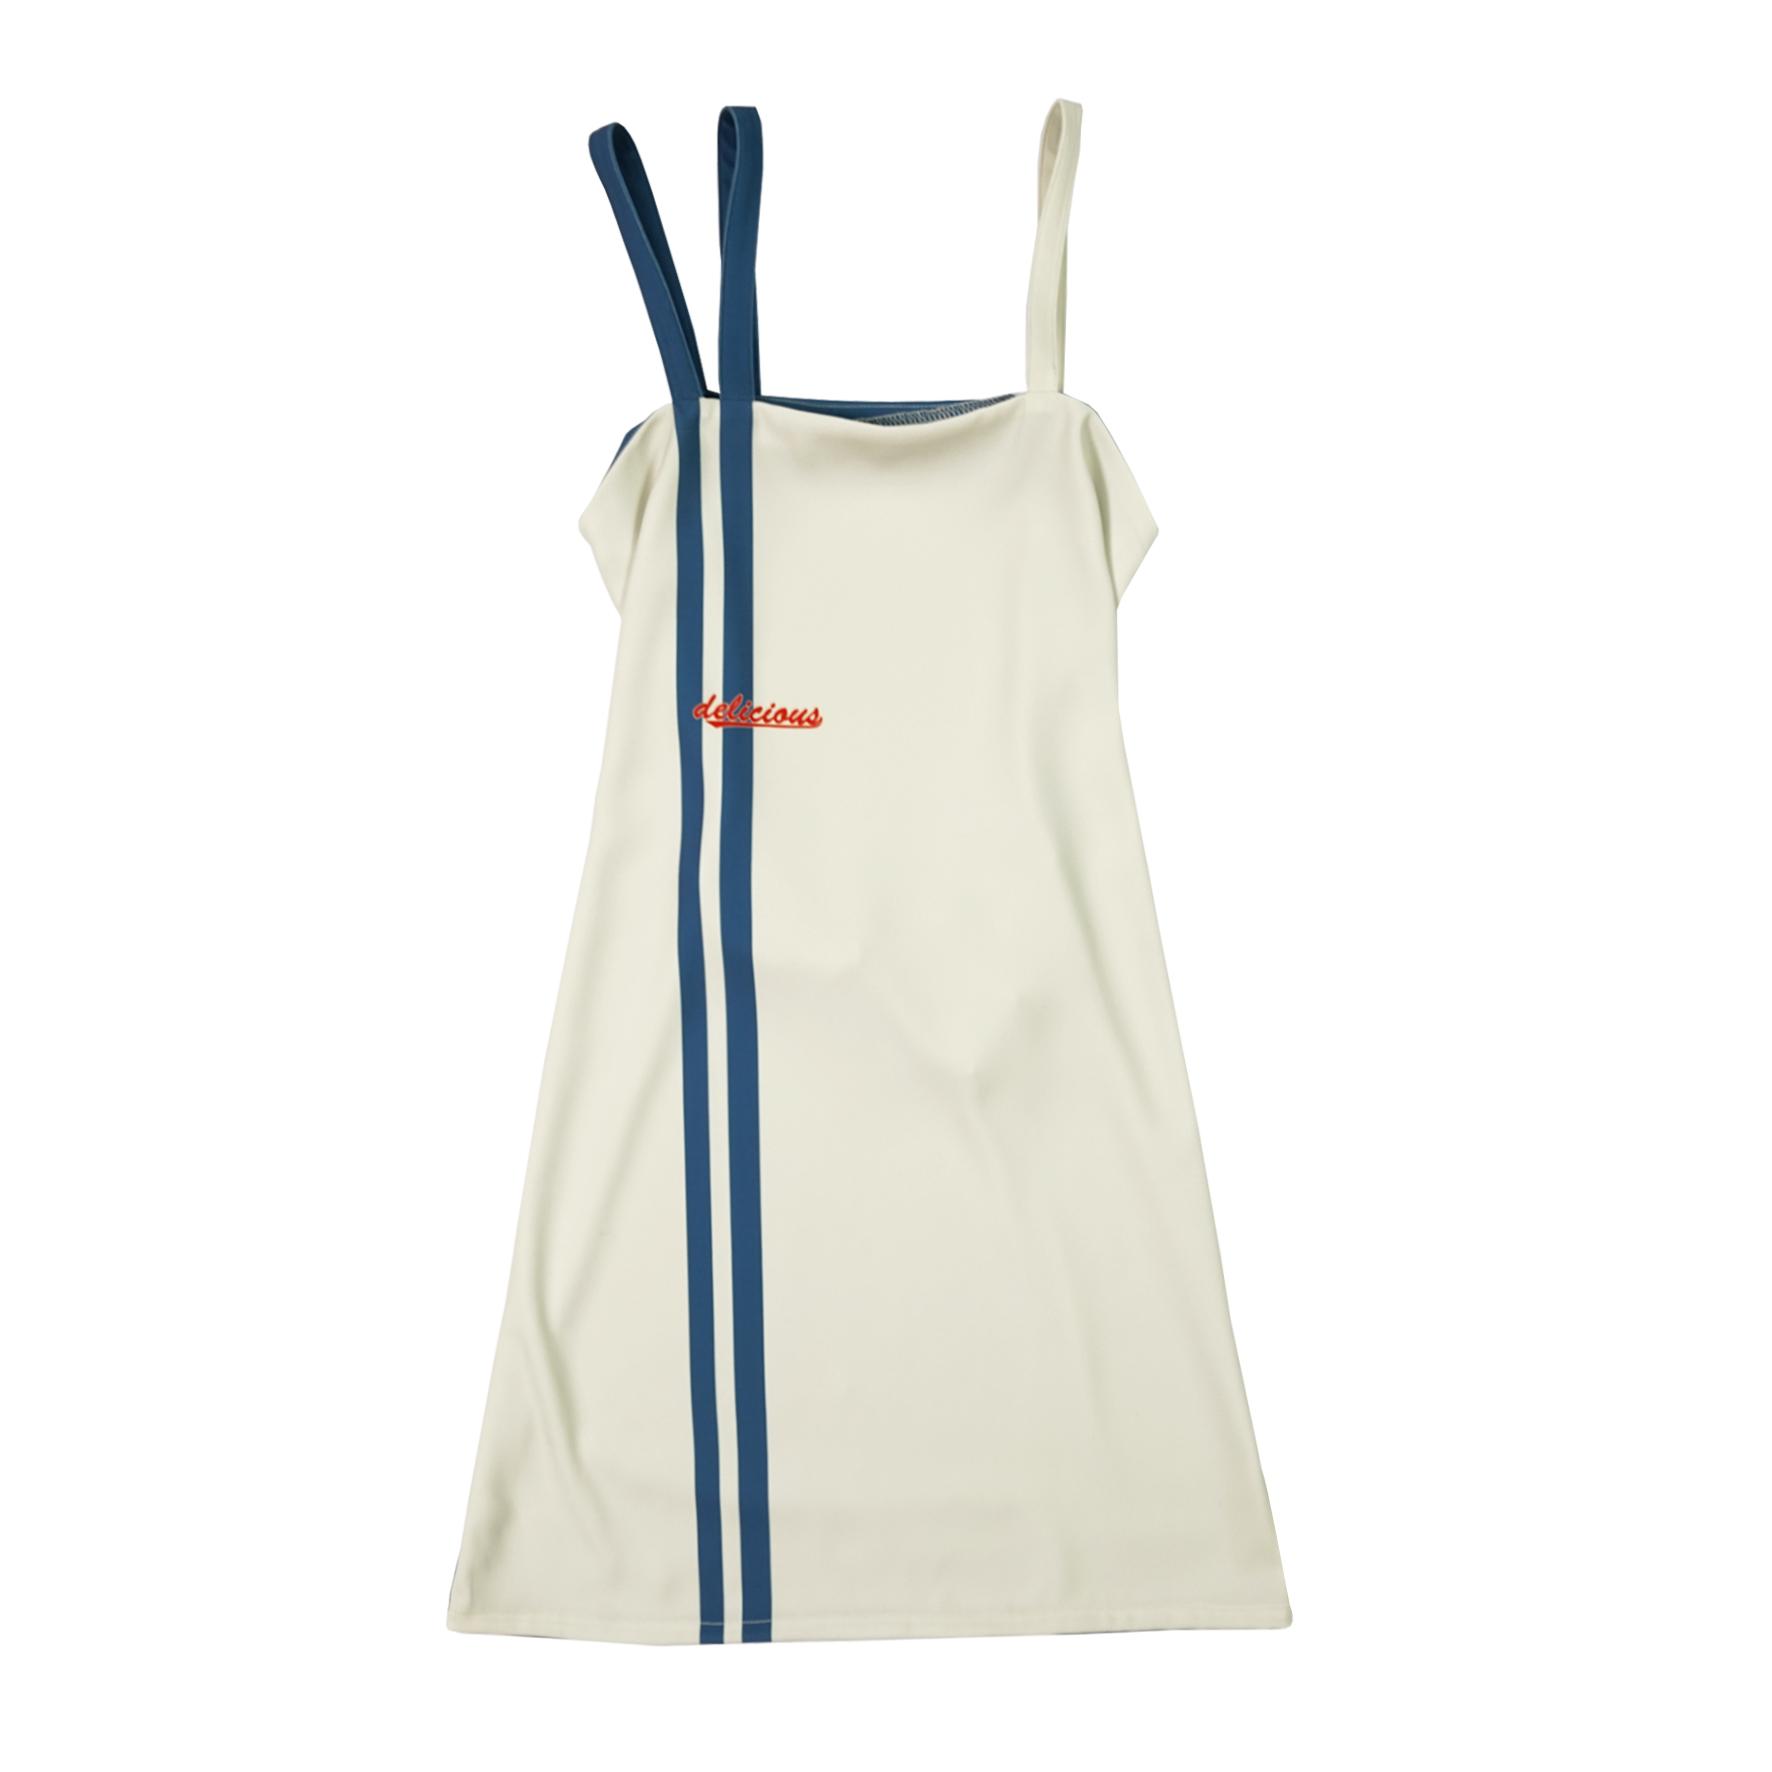 伴个子爵/WXC设计delicious经典条纹双吊带连衣裙刷街复古单品